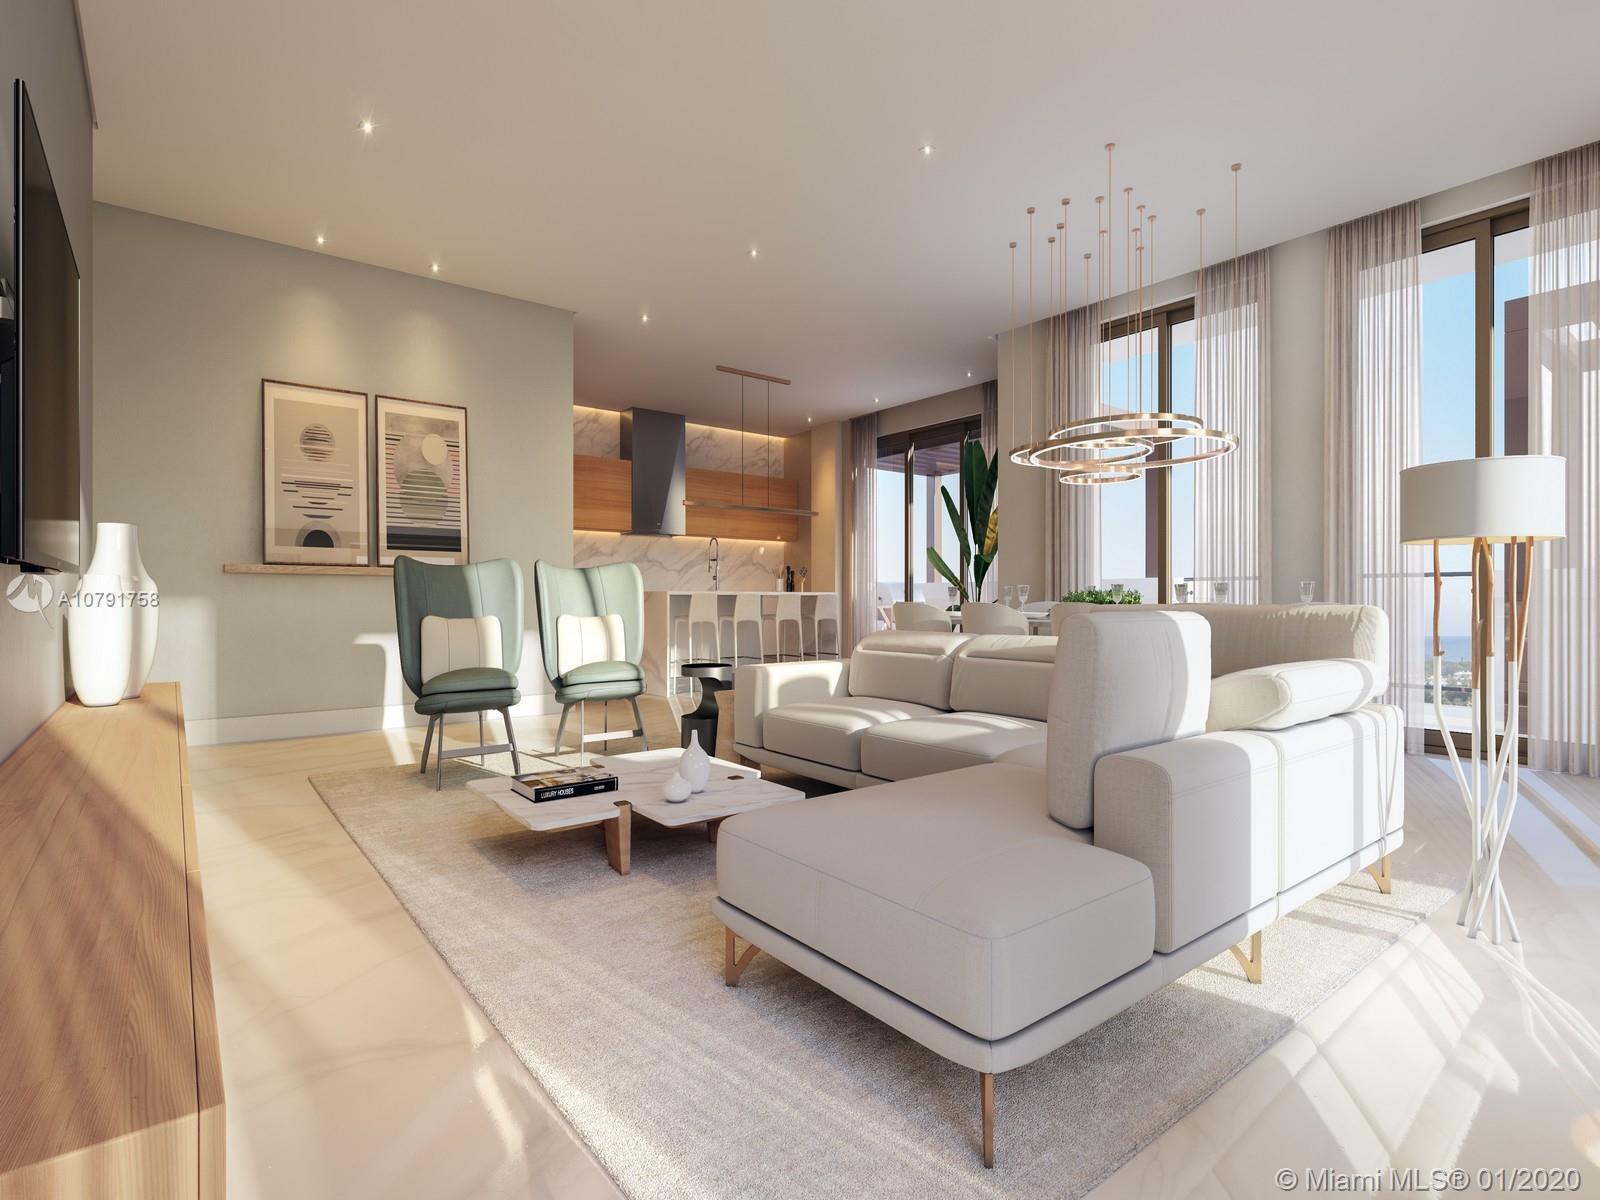 image #1 of property, Royal Palm Residences, Unit 304